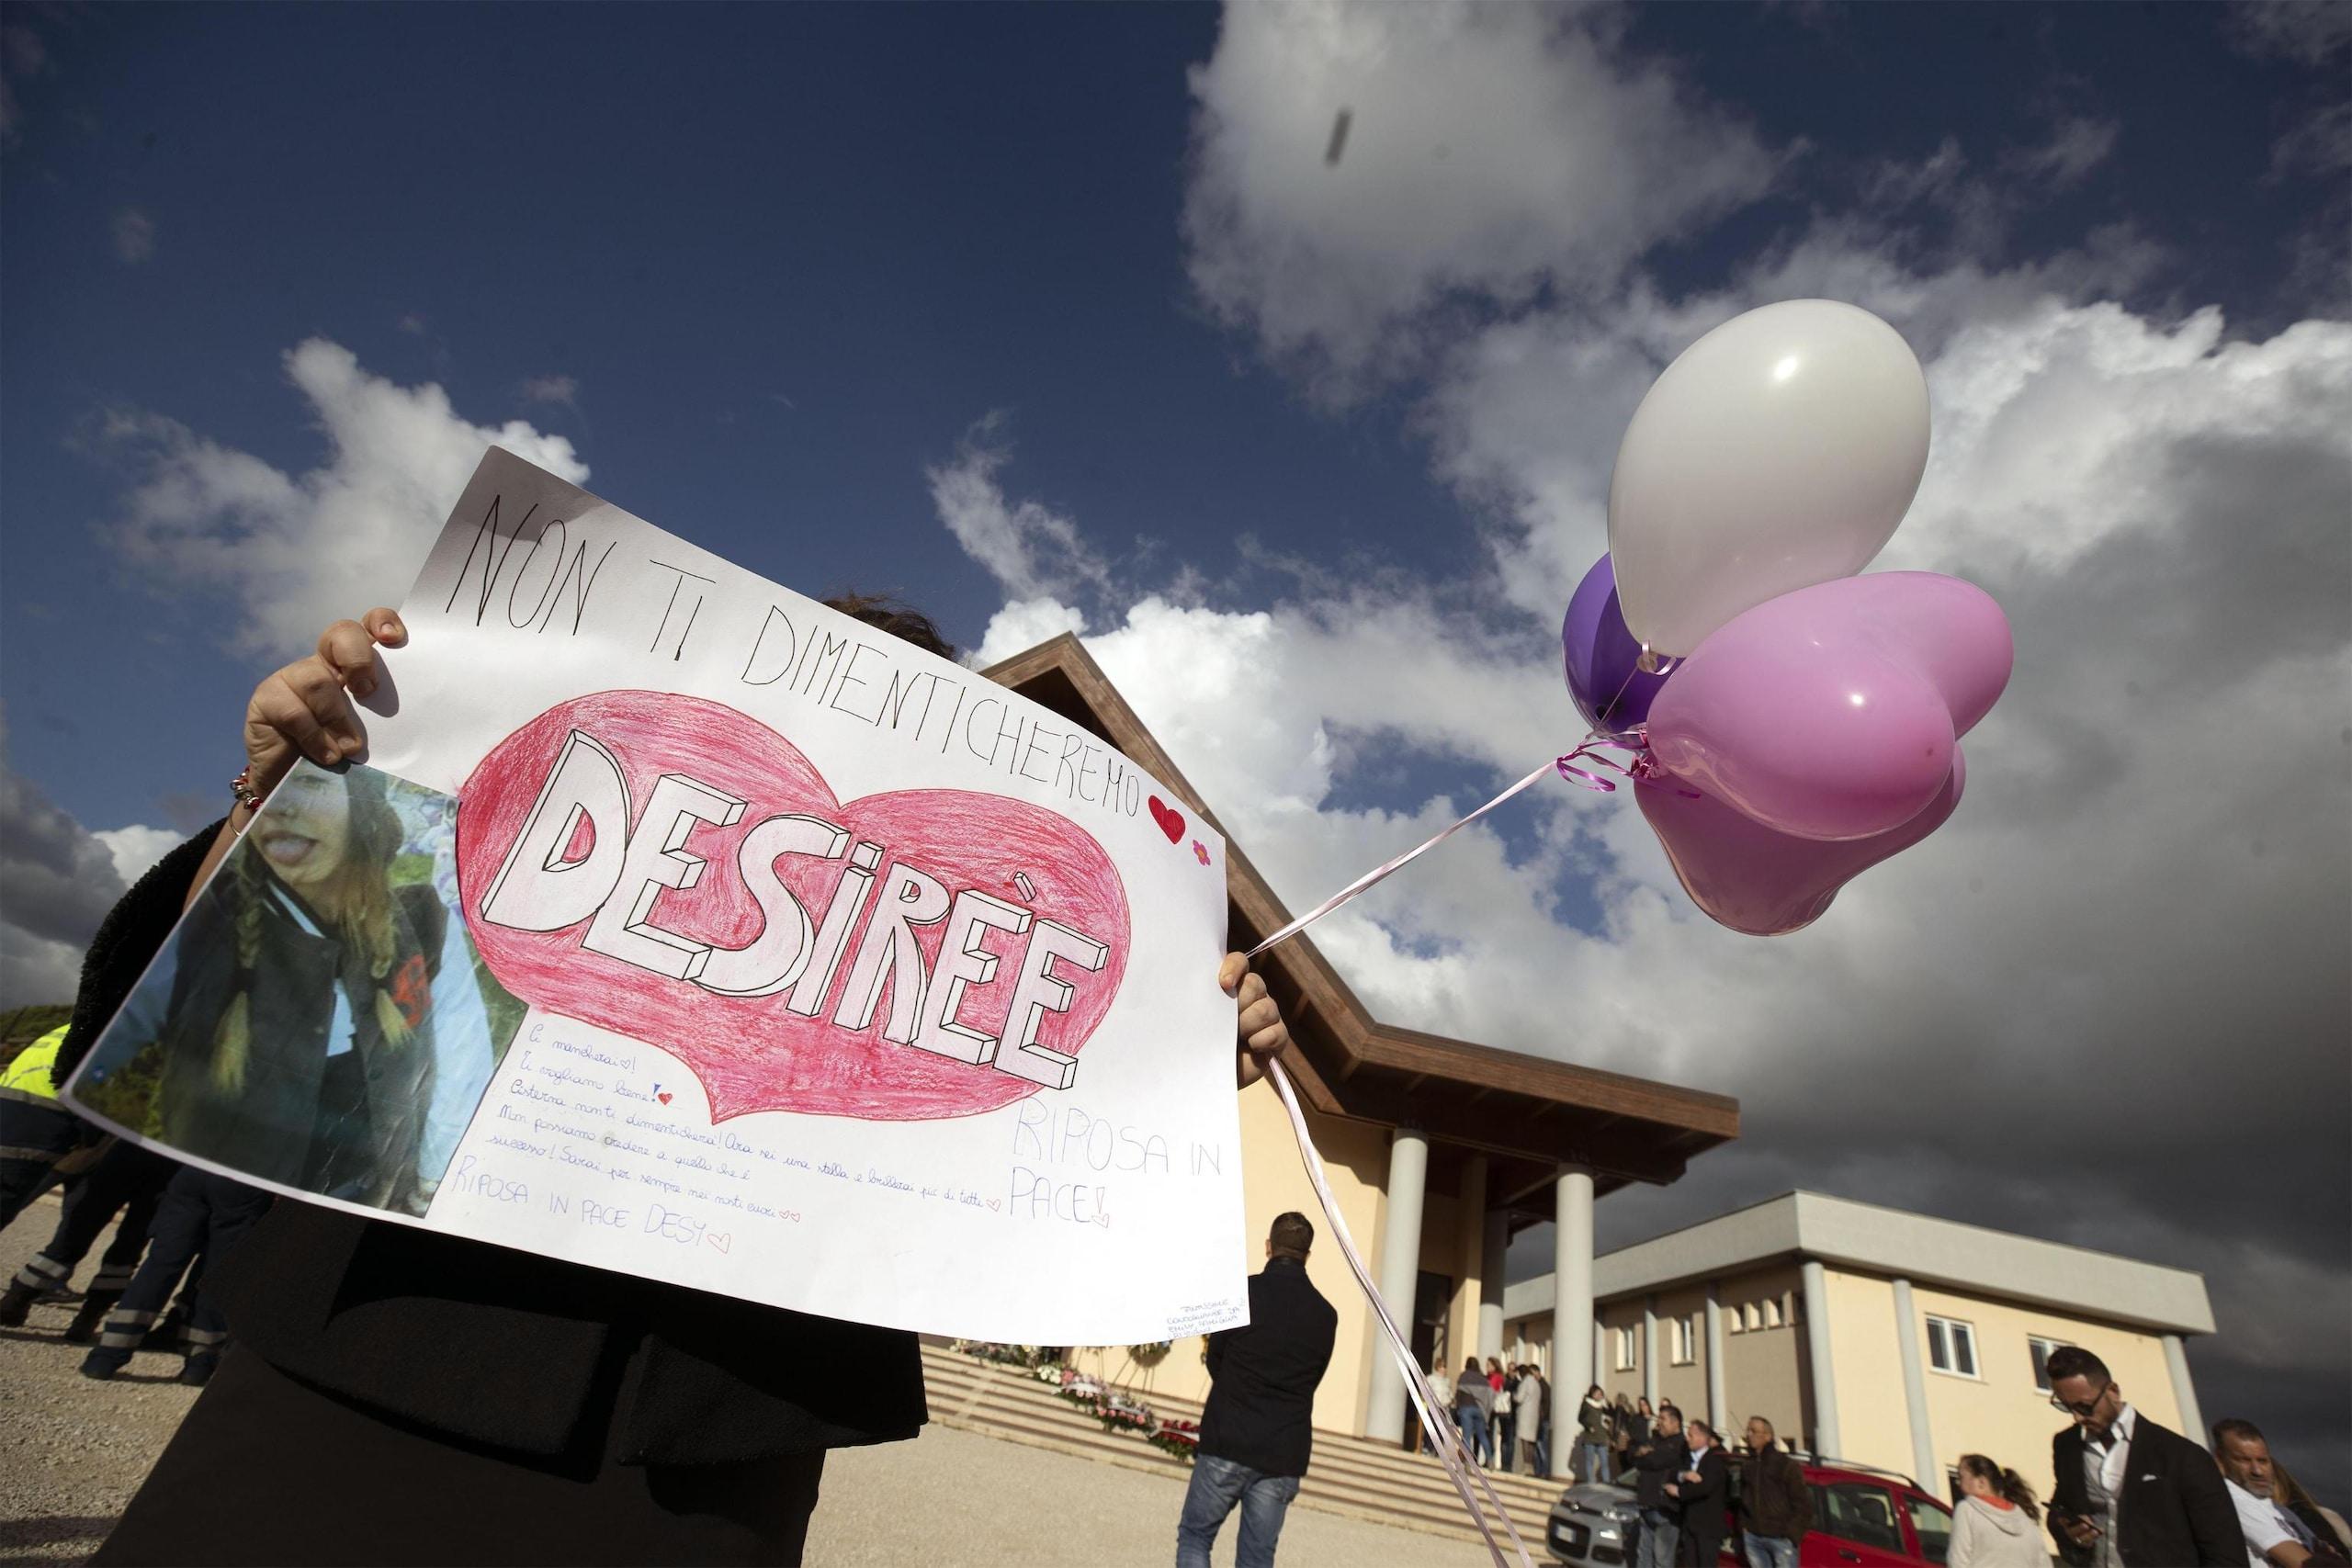 Desiree:Riesame annulla accusa omicidio